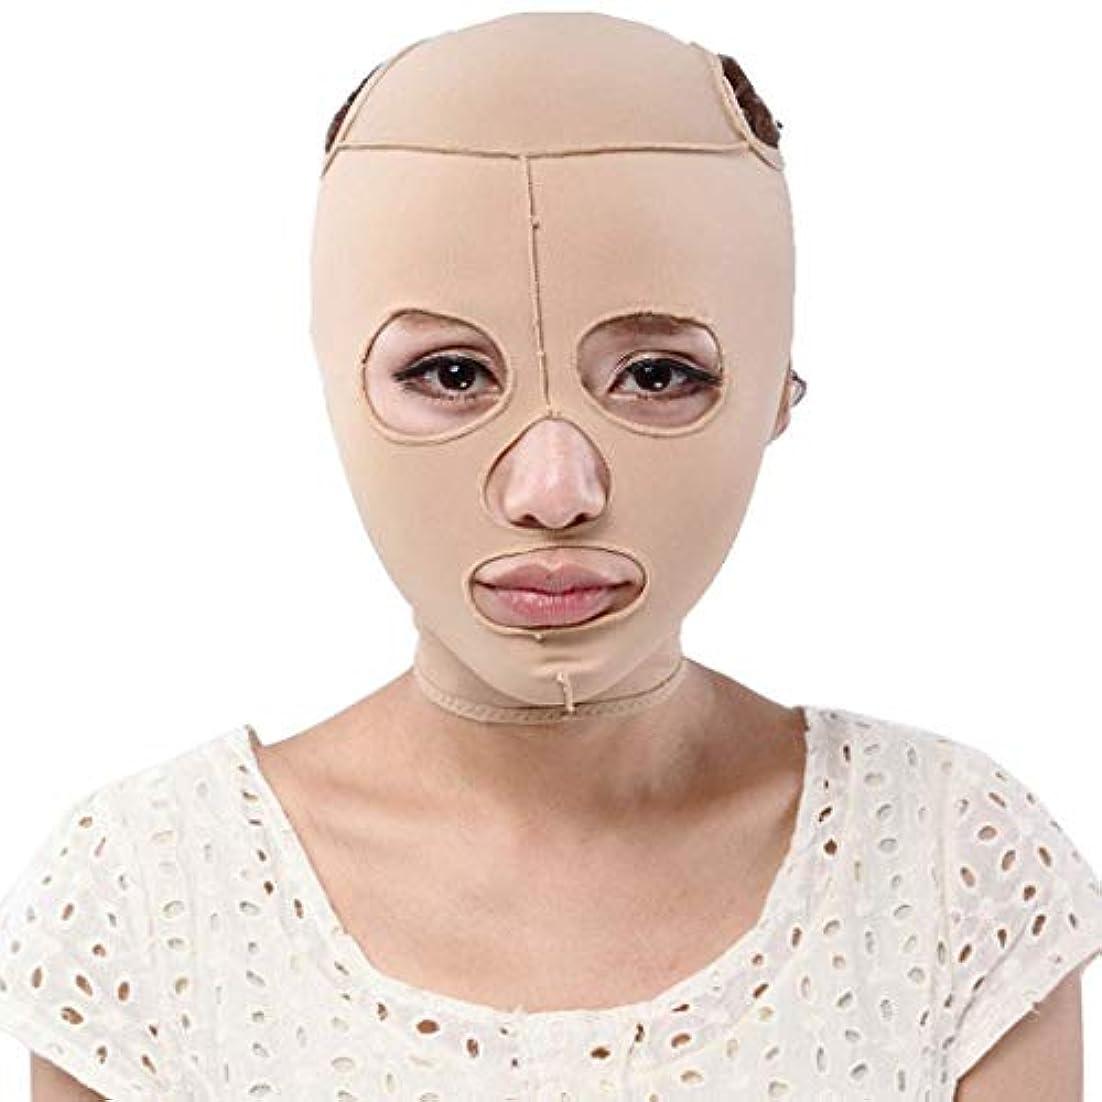 近くストライプ放出フェイシャルスリミングマスク、フェイスリフティング包帯Vフェイスリフティングおよびリフティング/チンブラッシュスリムボディリダクションダブルチン減量包帯通気性、肌(XL) (S)